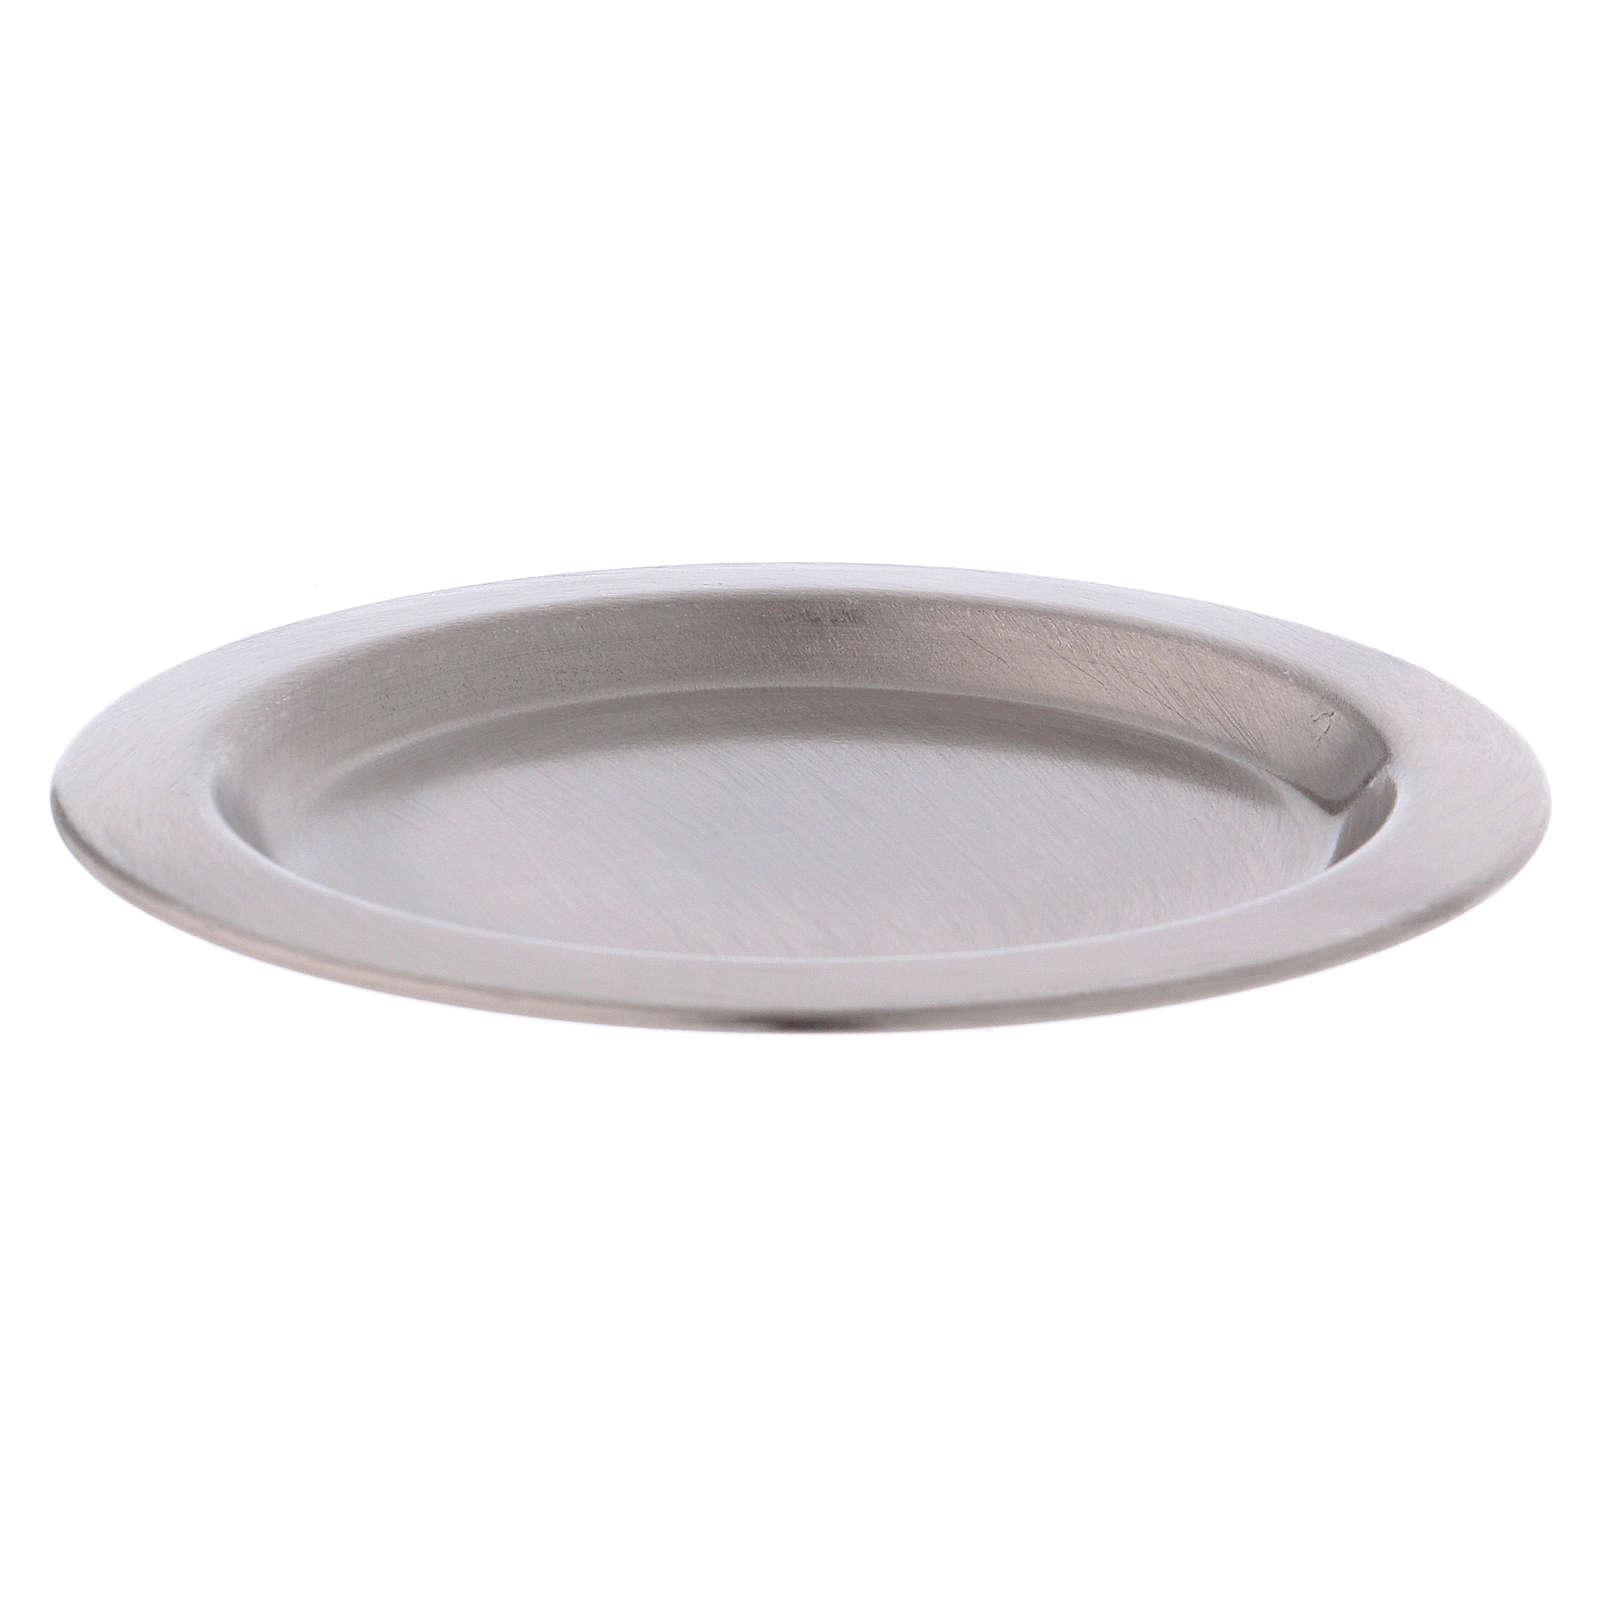 Talerz podstawa pod świece z mosiądzu posrebrzana satynowana śr. 11 cm 3